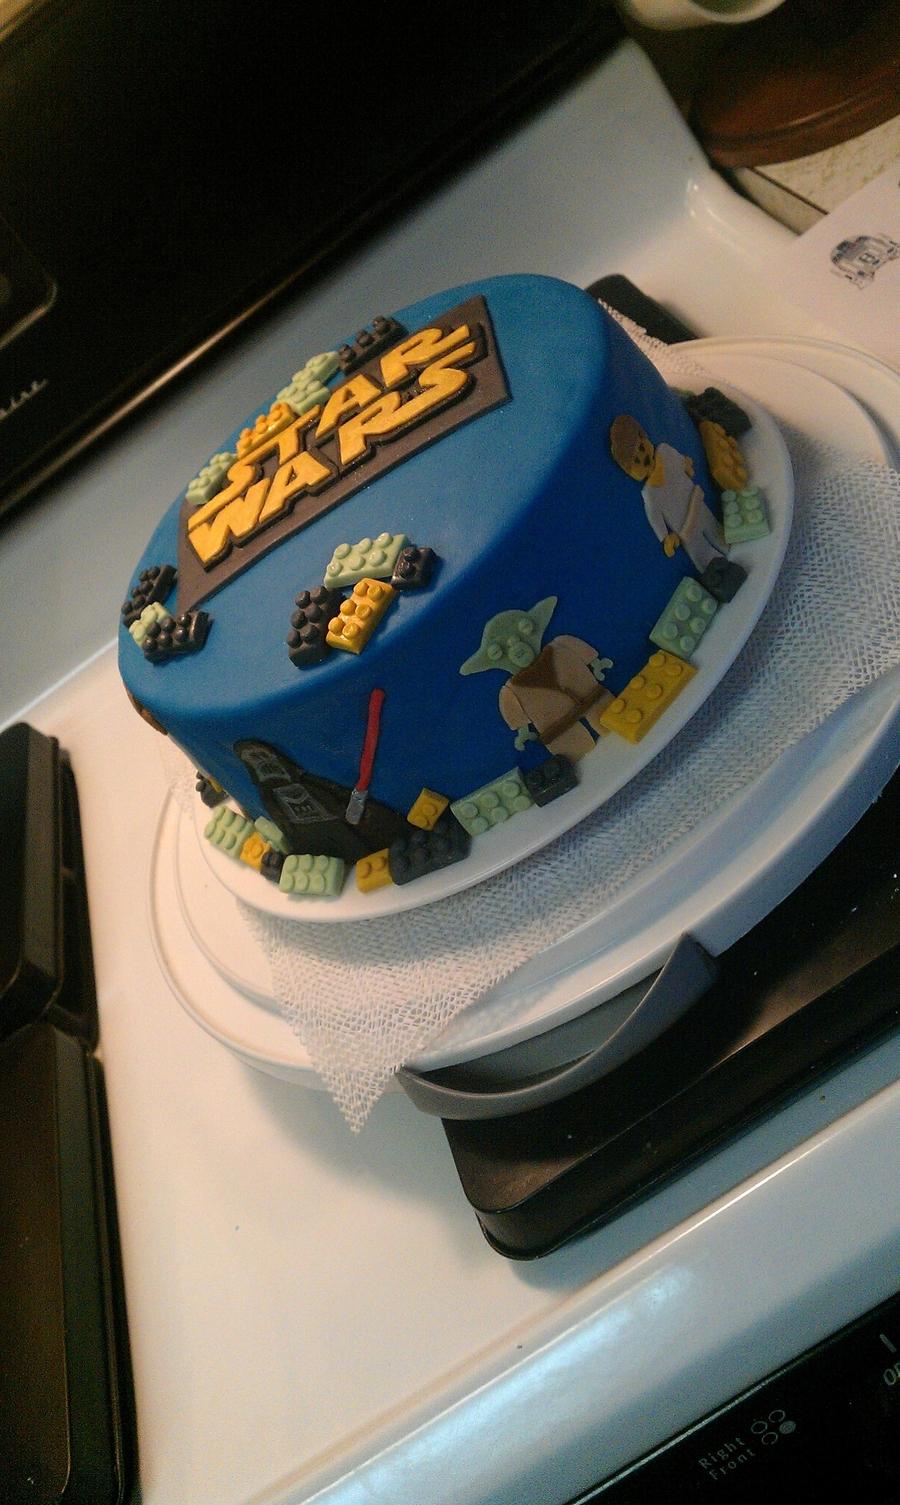 Images Of Star Wars Cake : Lego Star Wars Cake - CakeCentral.com